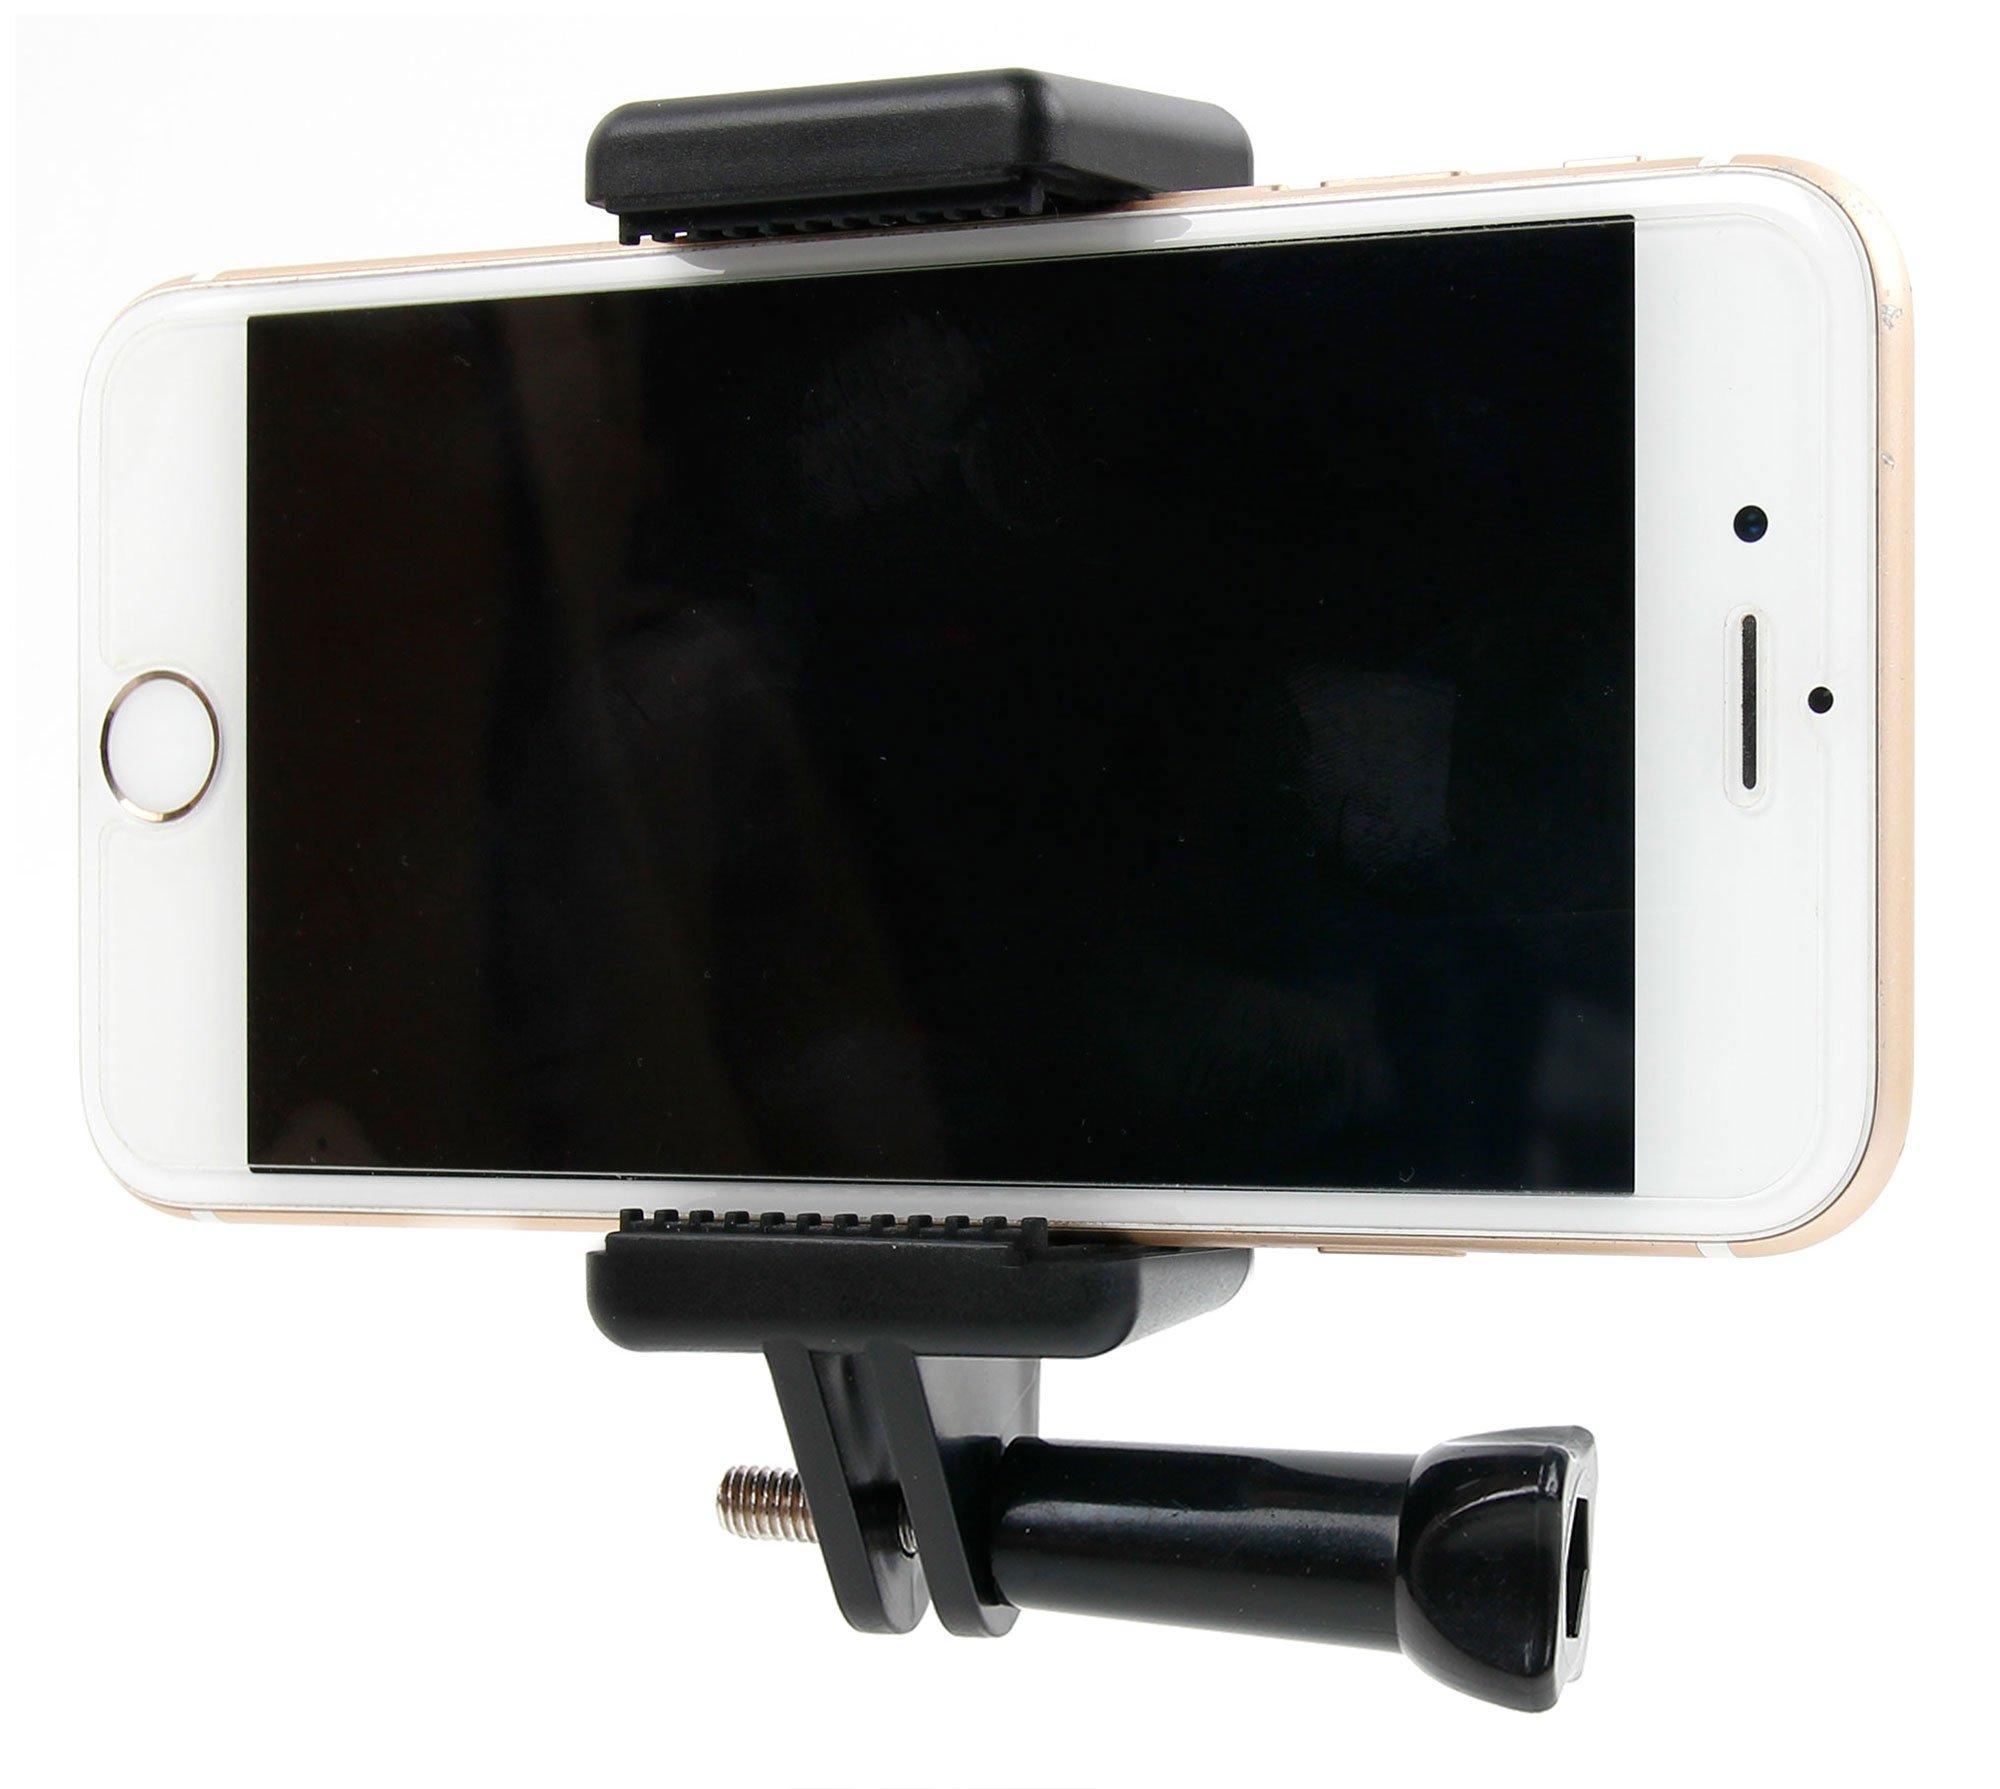 Soporte de cabeza y de soporte para smartphone para WIKO Jerry + Sunny Max, upulse + WIM (Lite), Lenny 3 Max, Jerry 2 + Sunny 2 + Tommy 2 LS Smartphone. GoPro